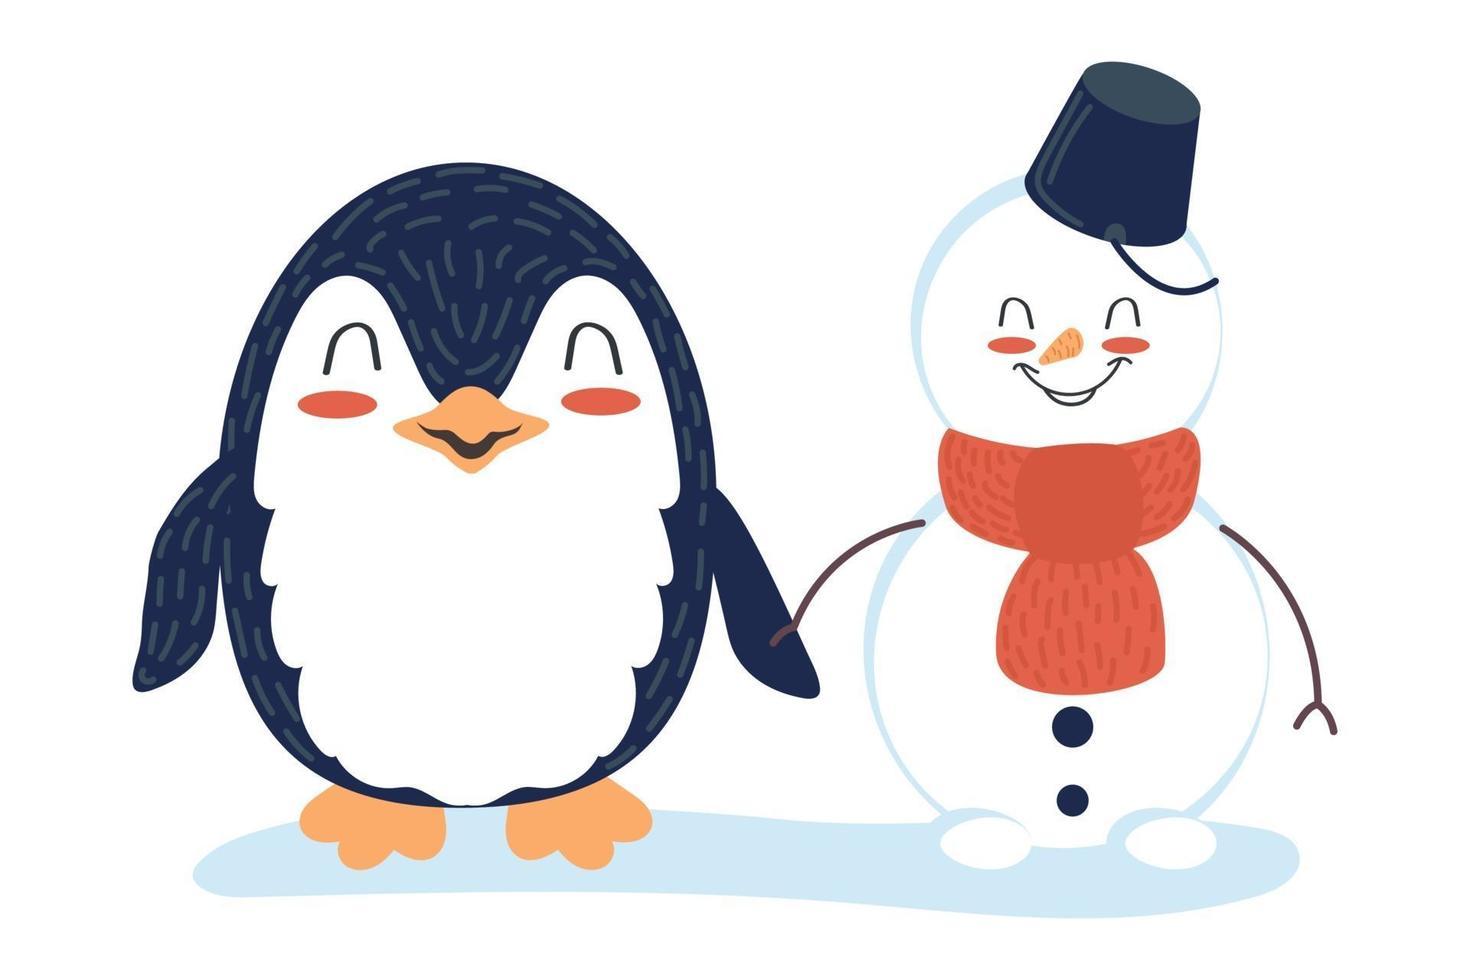 pingouin et bonhomme de neige de personnages de dessin animé mignon se tiennent la main amis au pôle nord. illustration vectorielle pour enfants vecteur